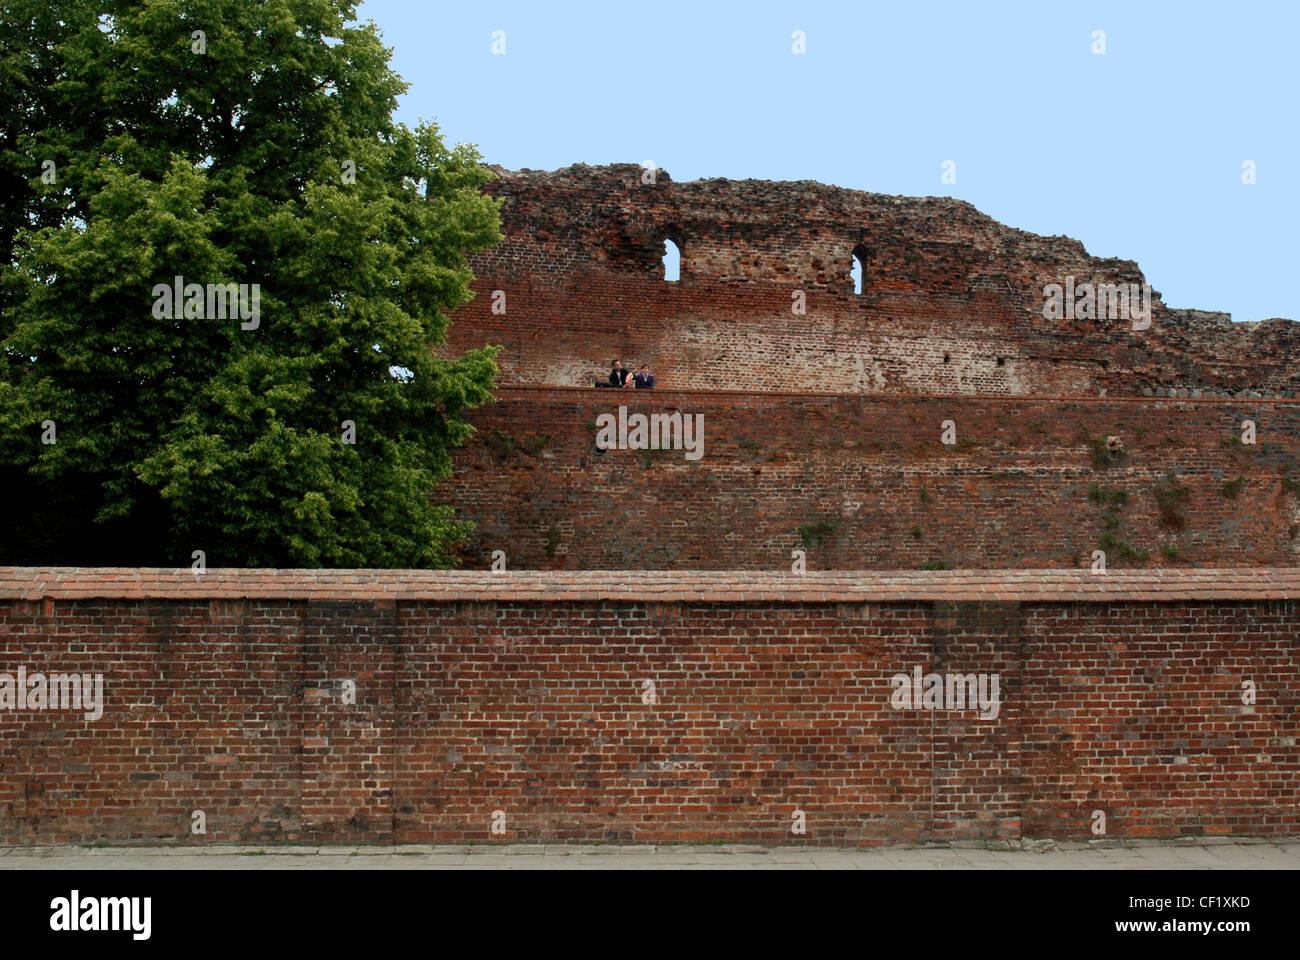 Ruine der Deutschordensburg Torun zerstört im 15. Jahrhundert. Stockbild